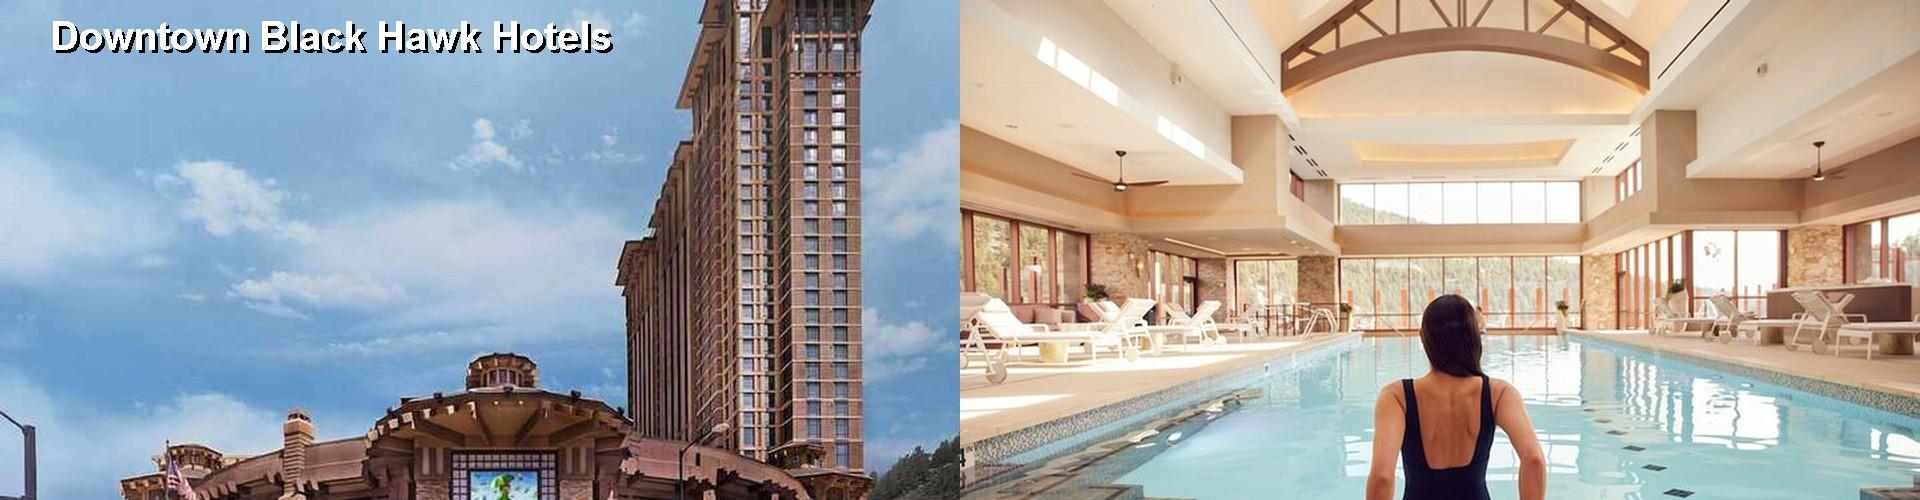 5 Best Hotels Near Downtown Black Hawk